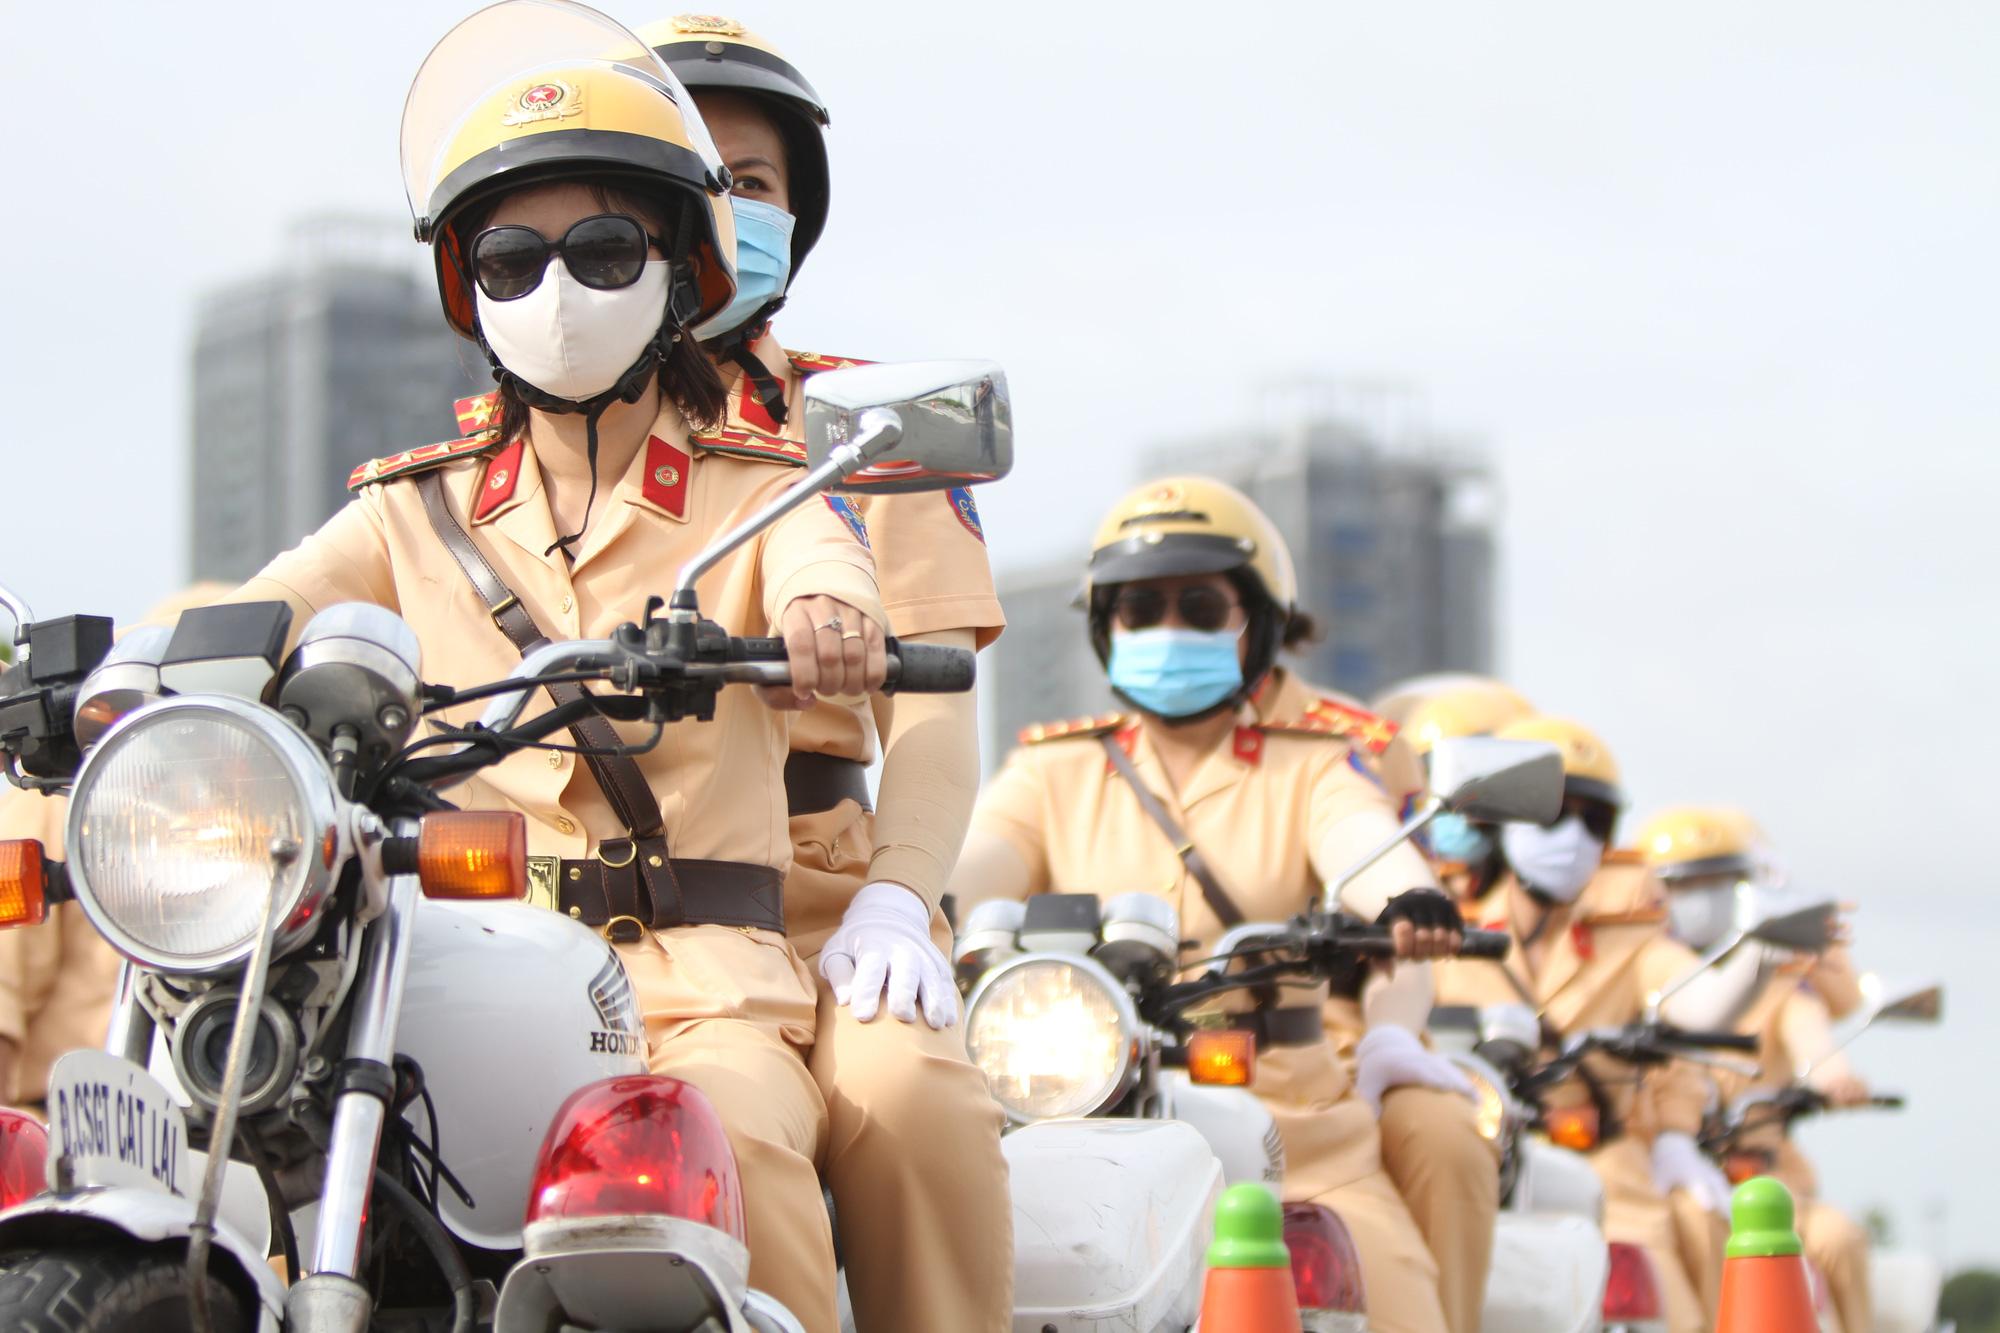 [eMagazine] Ngỡ ngàng với kỹ năng điều khiển mô tô của đội nữ CSGT dẫn đoàn đầu tiên - Ảnh 12.